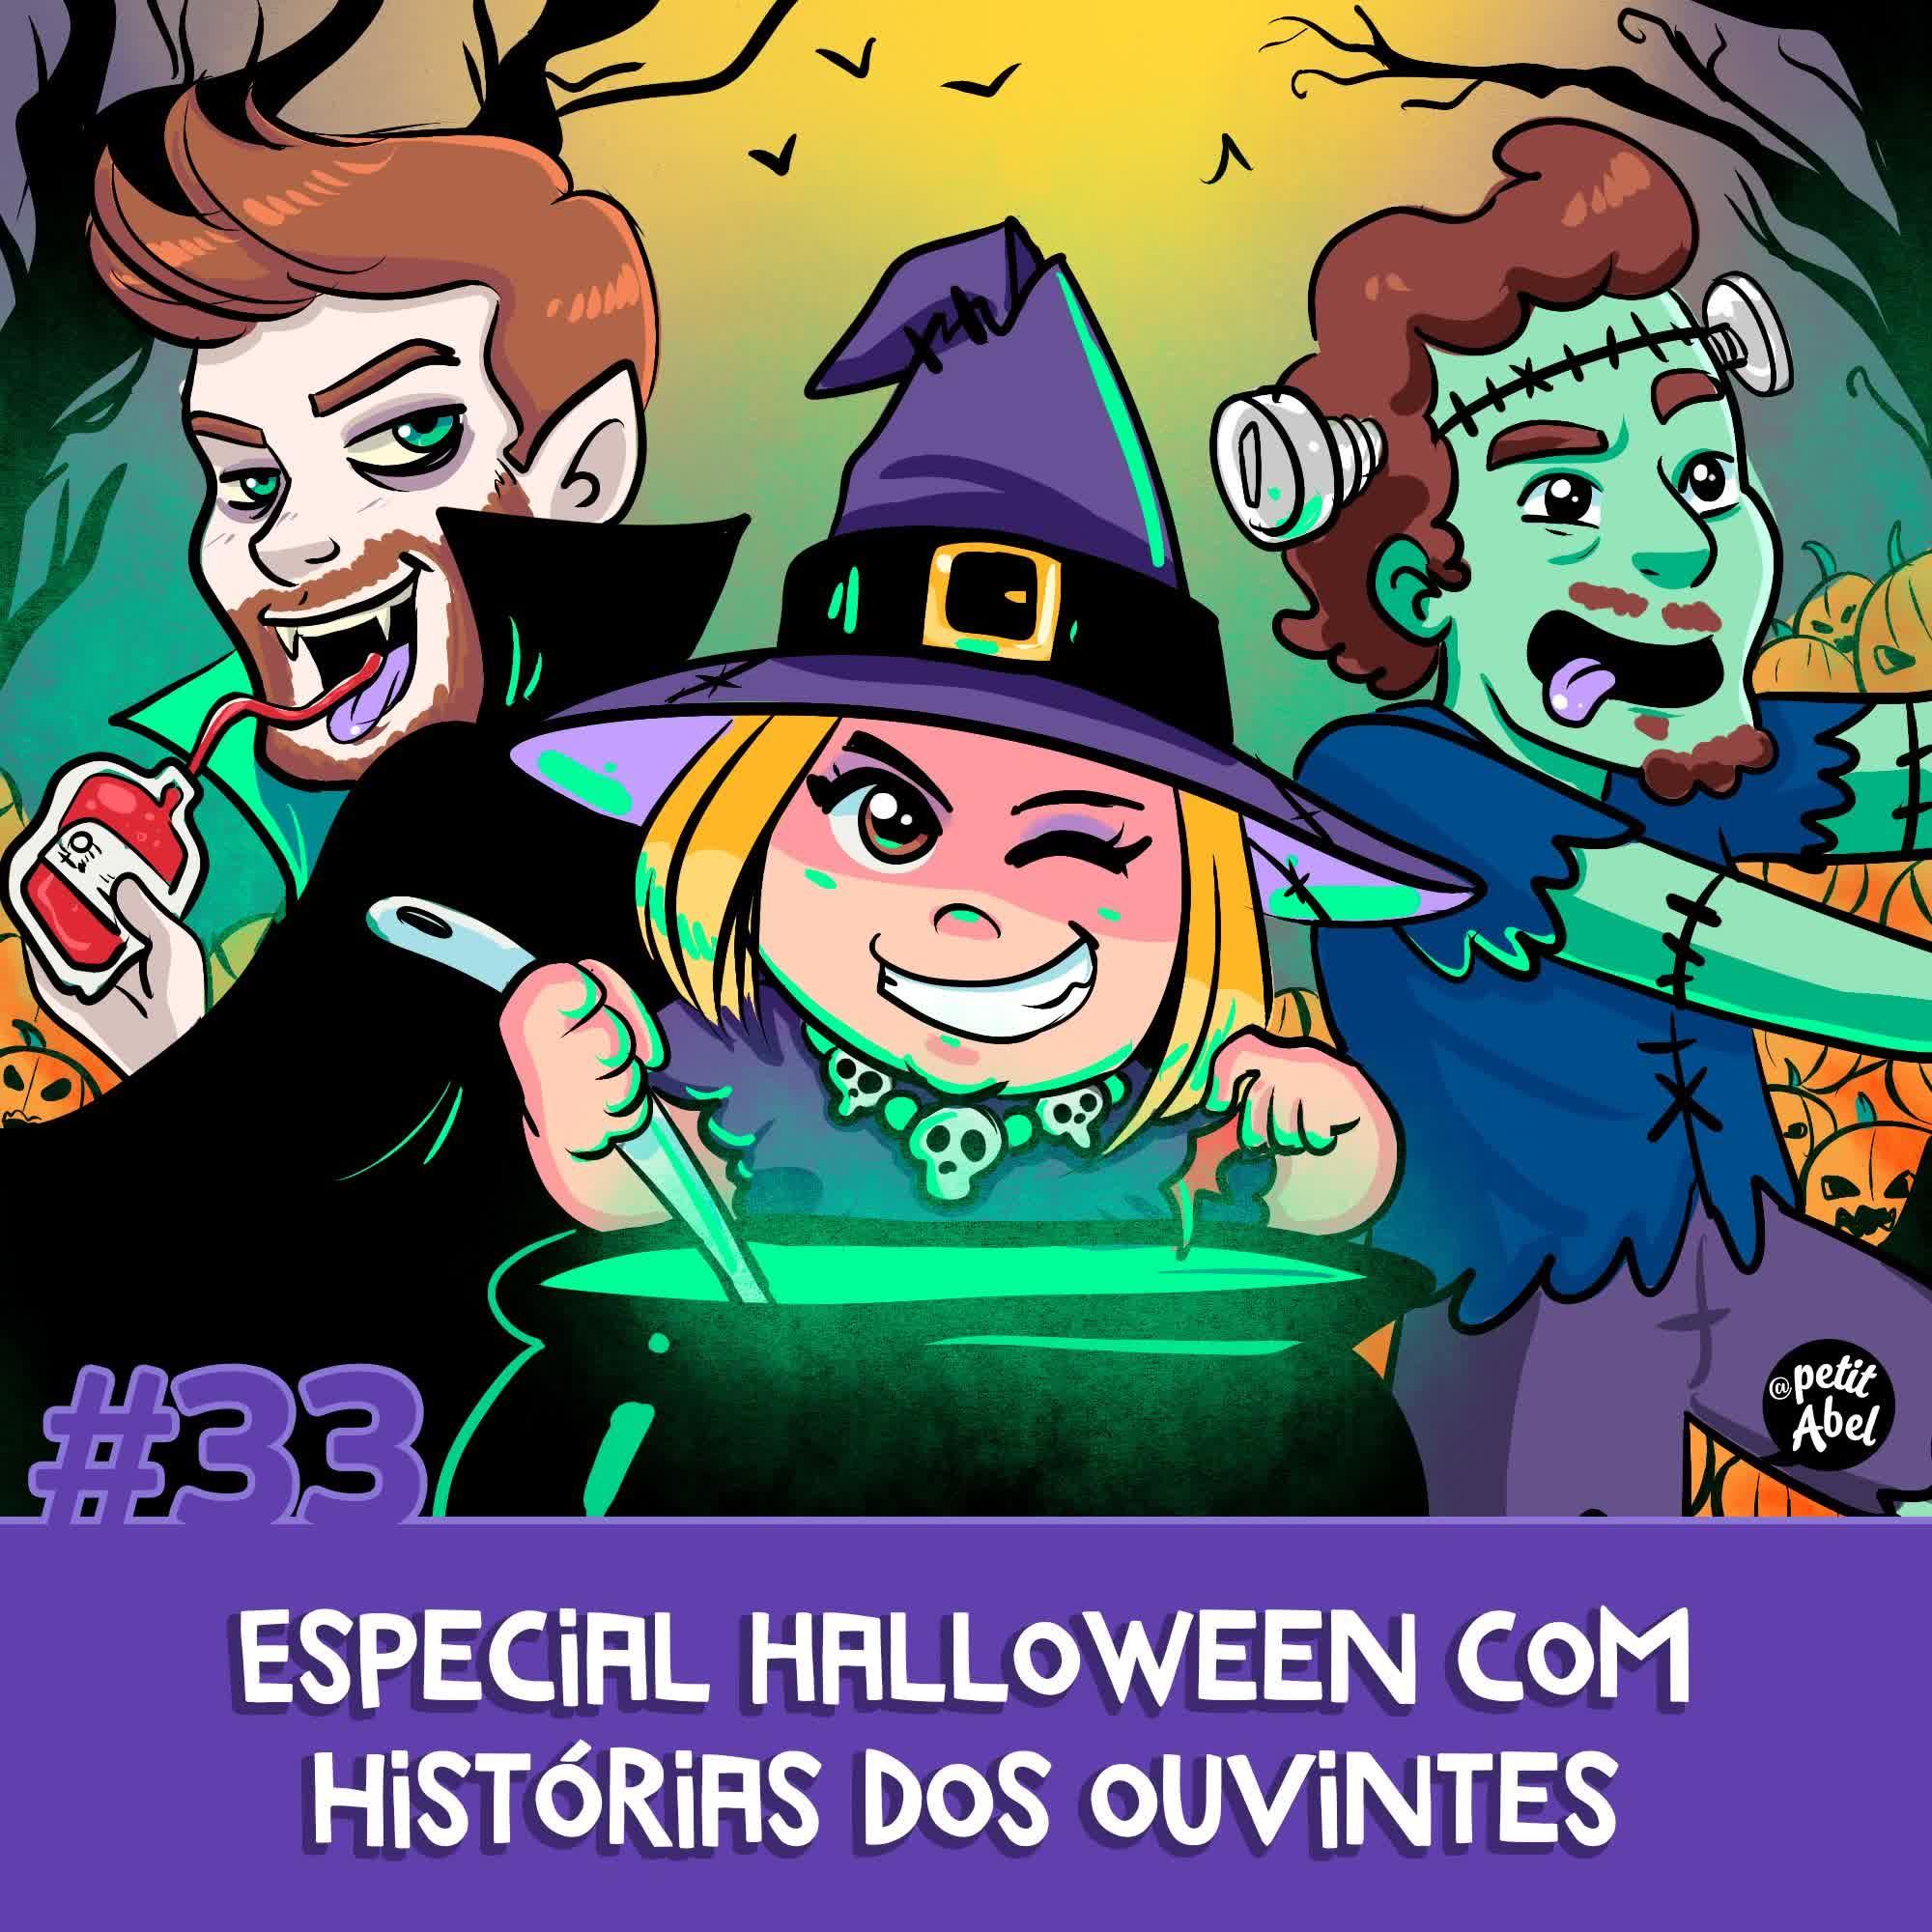 #33 - Especial Halloween com histórias dos ouvintes